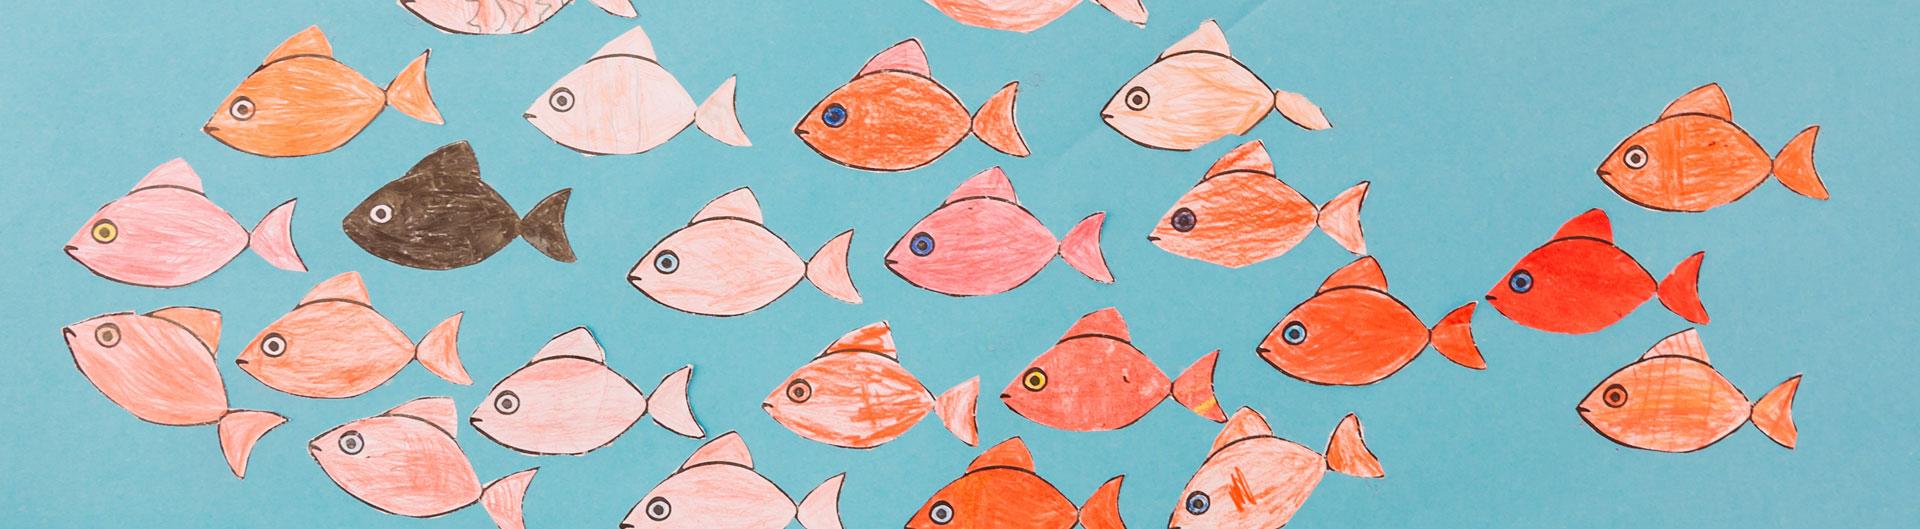 Viele Papierfische schwimmen zusammen in eine Richtung